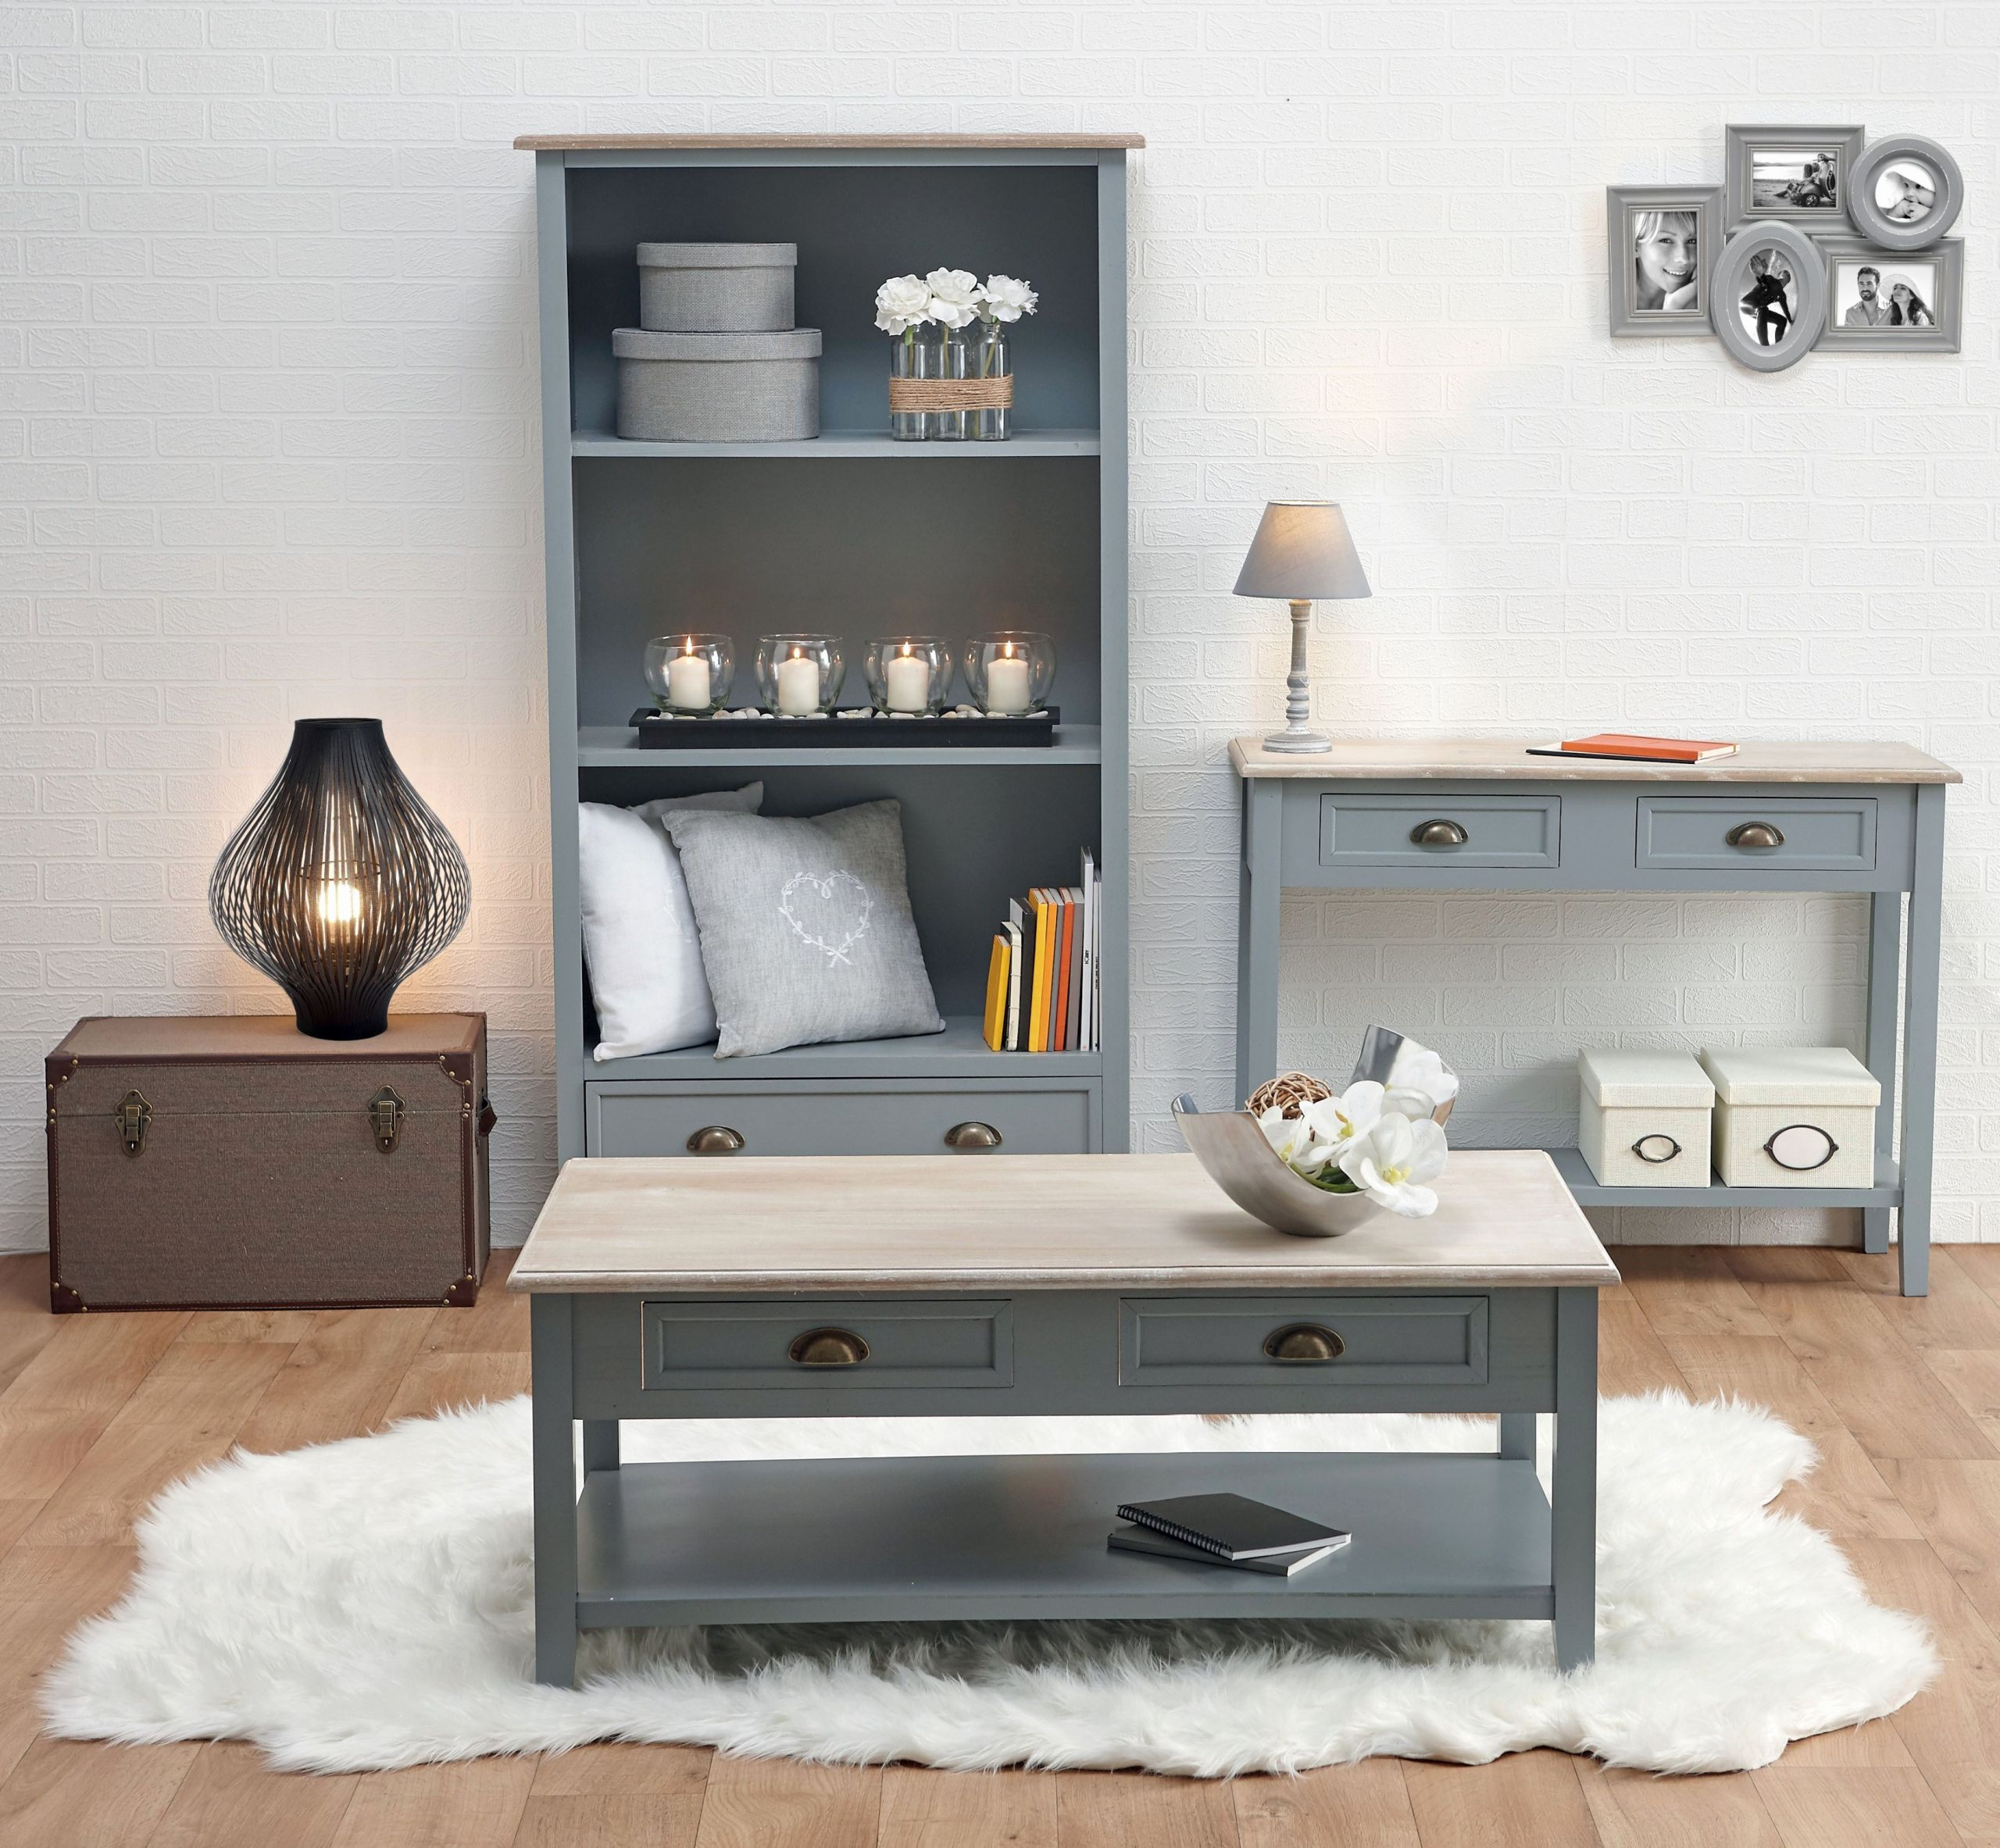 les aubaines meubles meubles le du meubles et deco frais kavehome chaise of les aubaines meubles